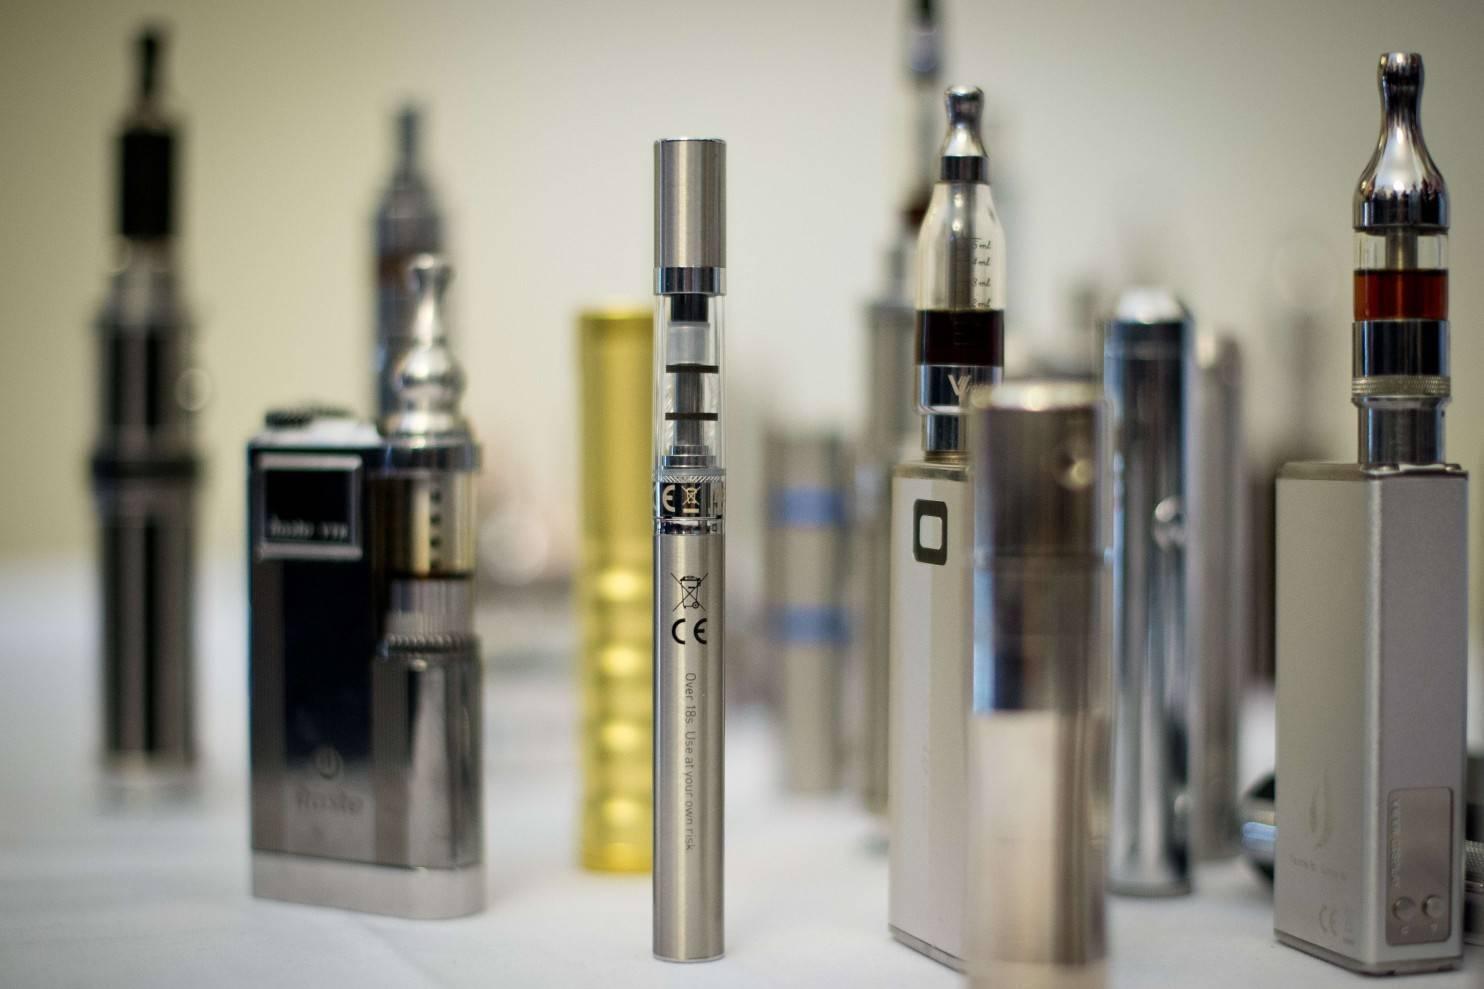 Электронные сигареты в тайланде почему запрещены